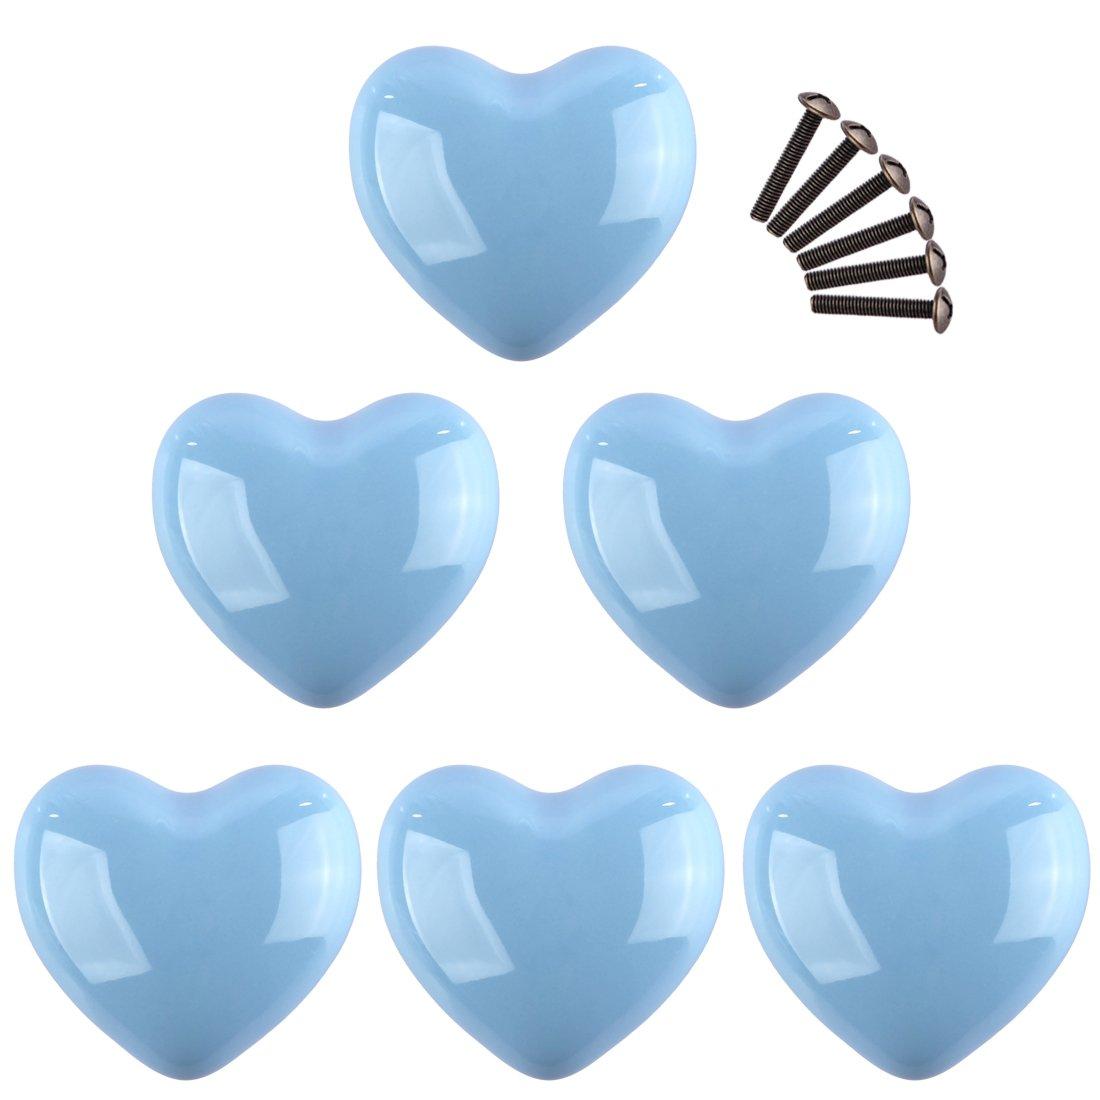 Lommer 6 pezzi Ceramica Cuore Bambini Pomelli per Mobili Maniglie Manopole Armadio Pomelli del Cassetto Manopole per Mobile Manopole per Guardaroba Schrank per i Mobili, 3.5*3.5*3CM